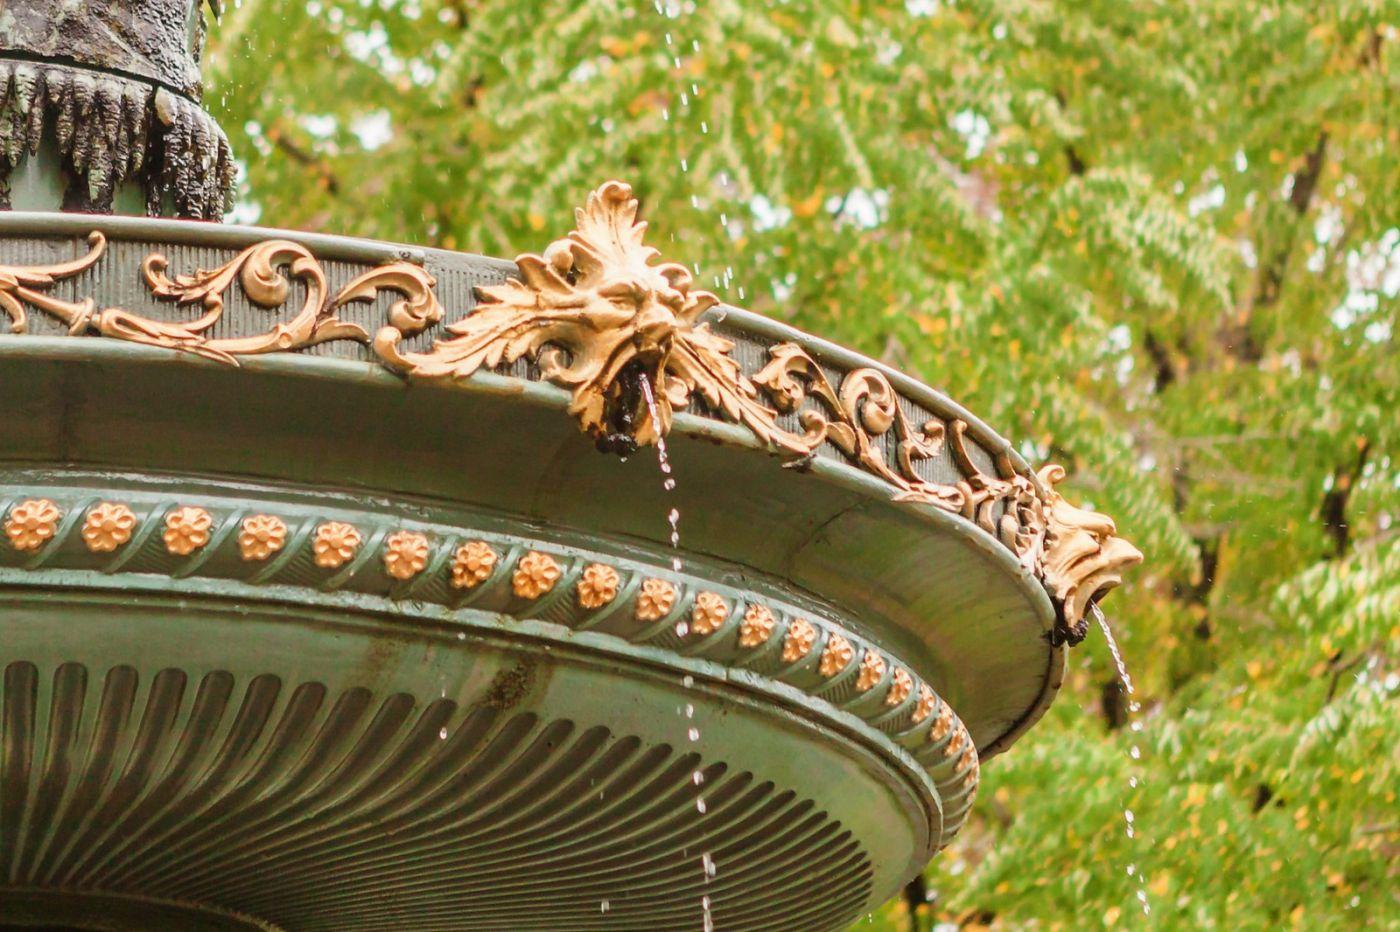 加拿大哈利法克斯(Halifax)公共花园,漂亮的花亭_图1-20